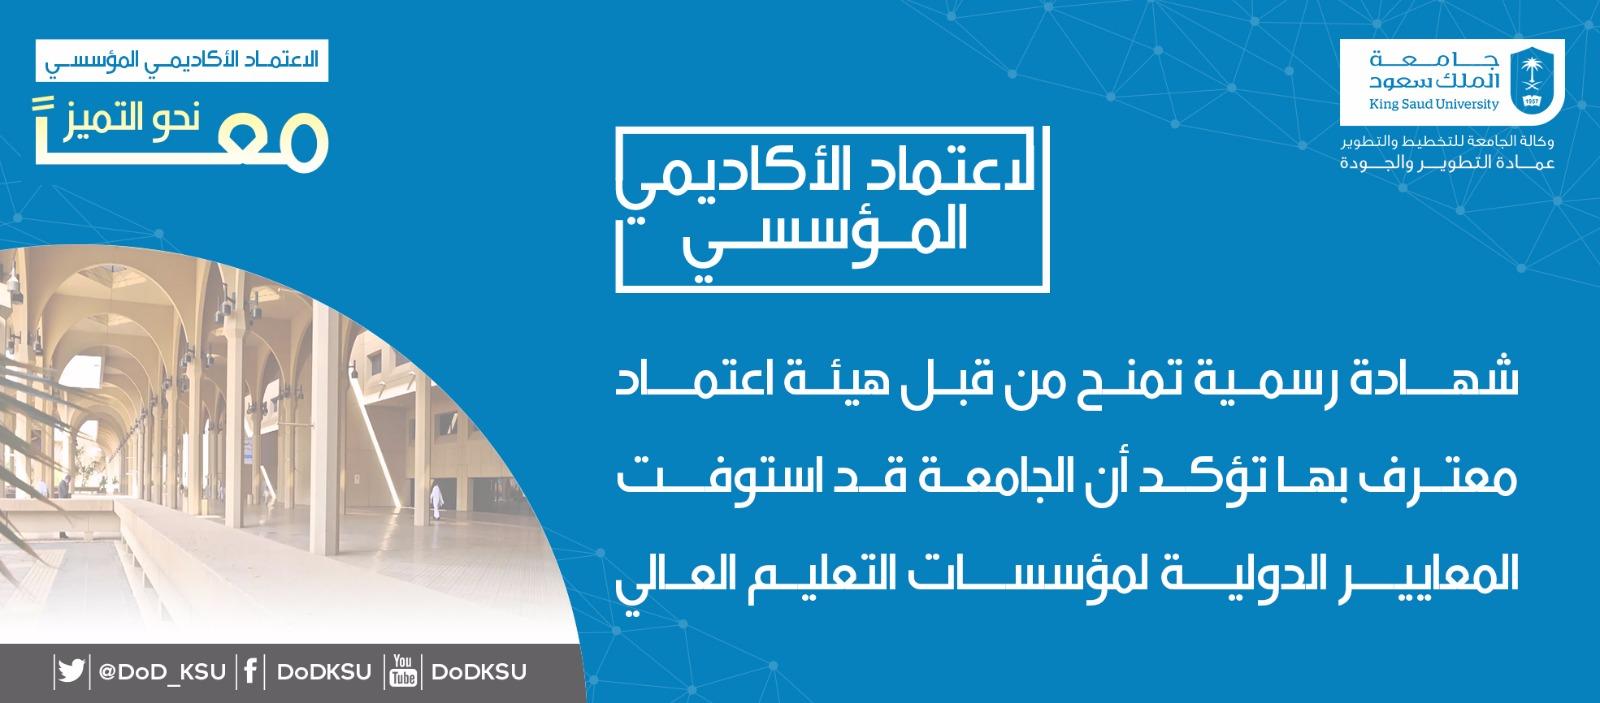 الاعتماد الأكاديمي المؤسسي... - الاعتماد الأكاديمي المؤسسي...